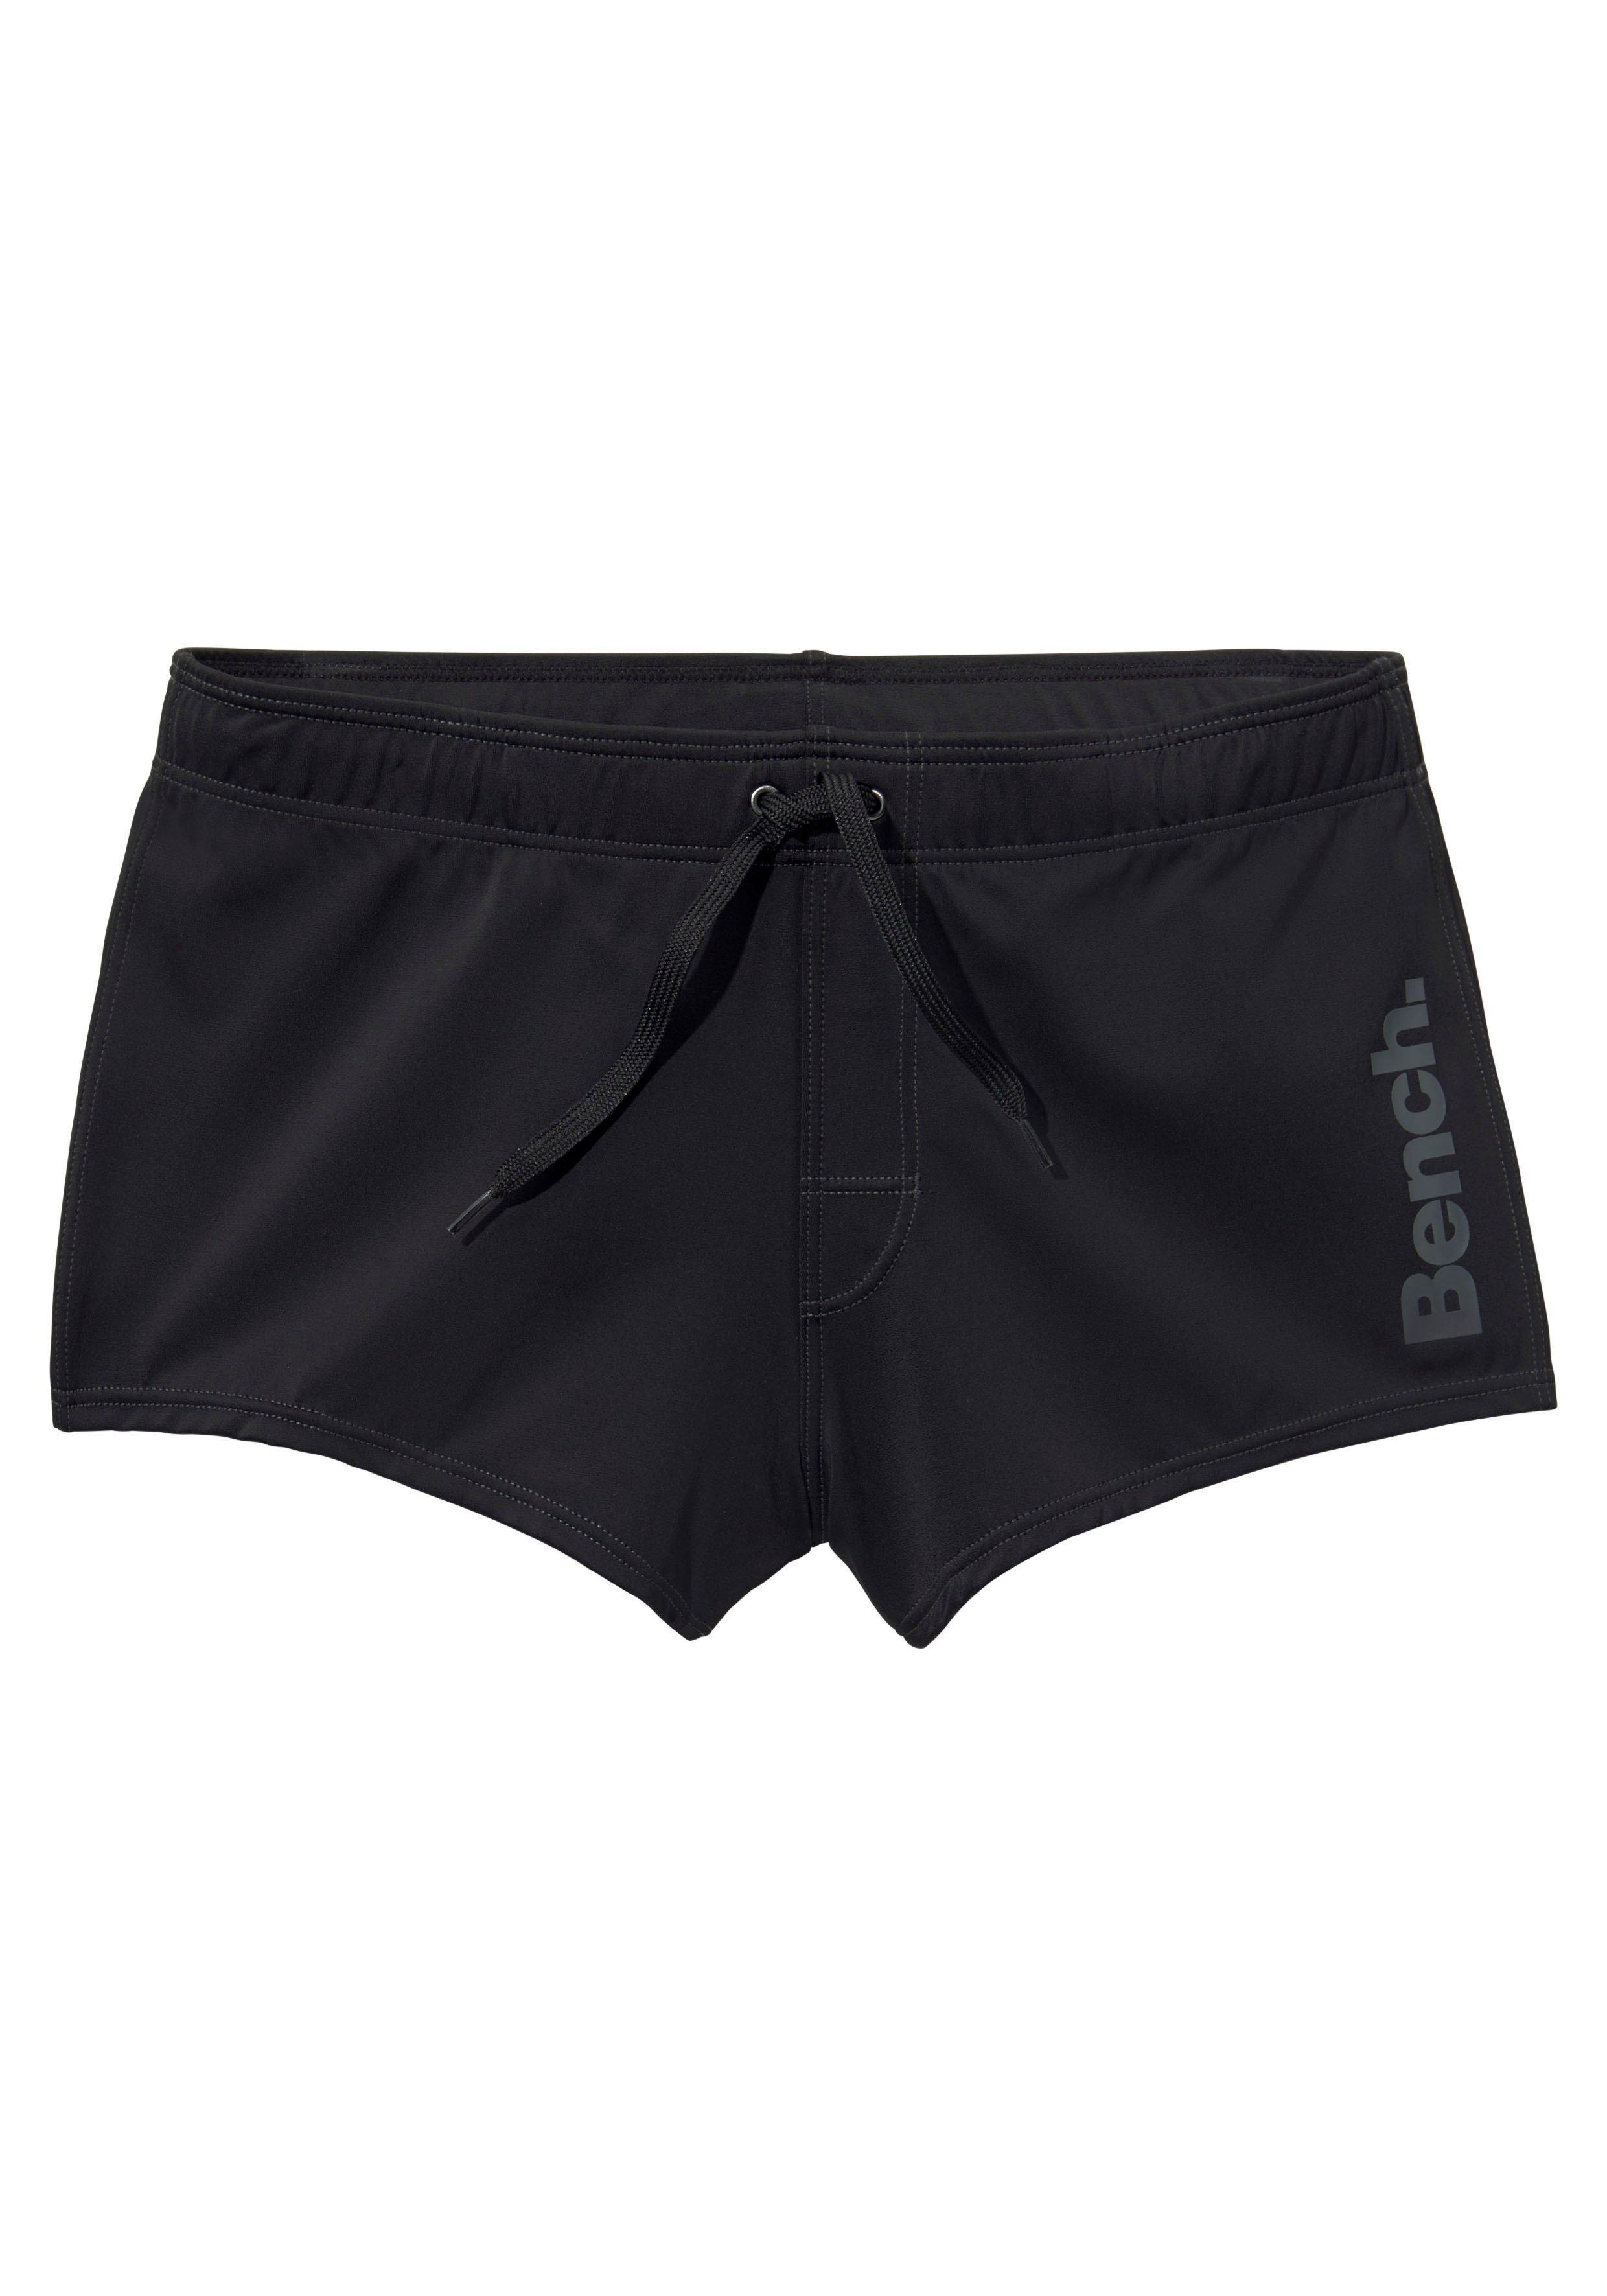 Bench. zwemboxer veilig op lascana.nl kopen